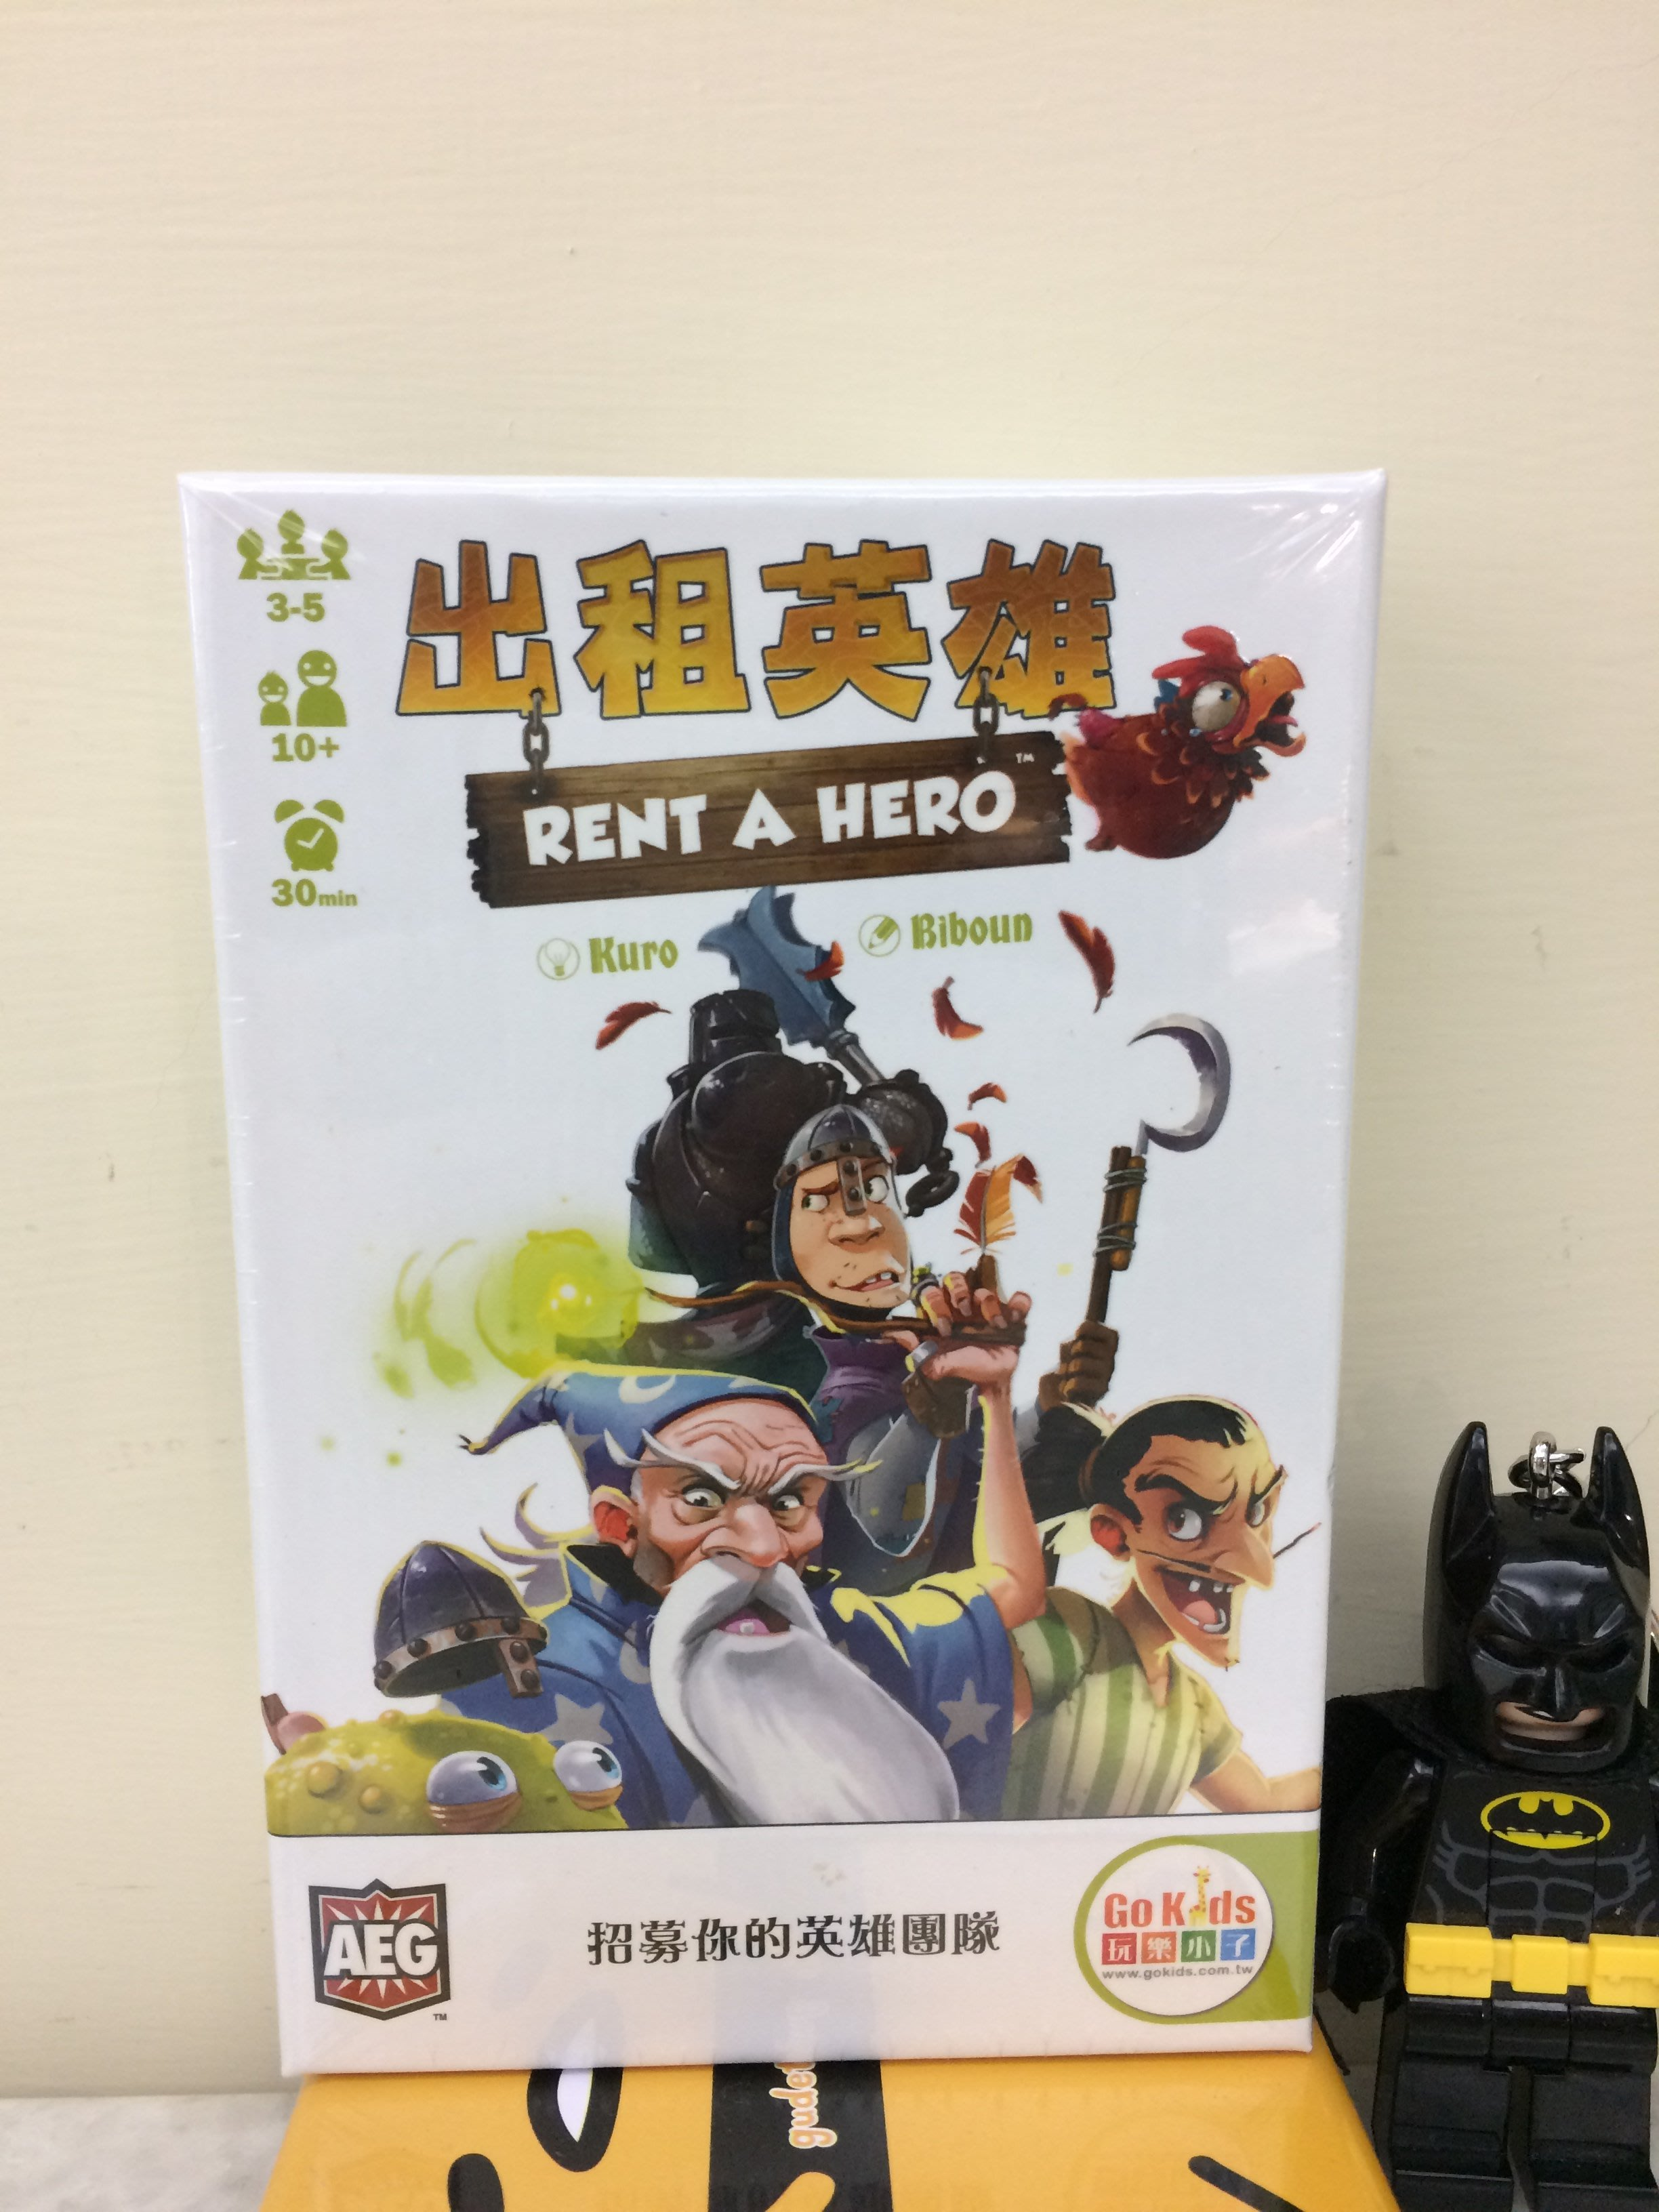 【桌遊世界】可開收據!正版桌遊 出租英雄 Rent a Hero